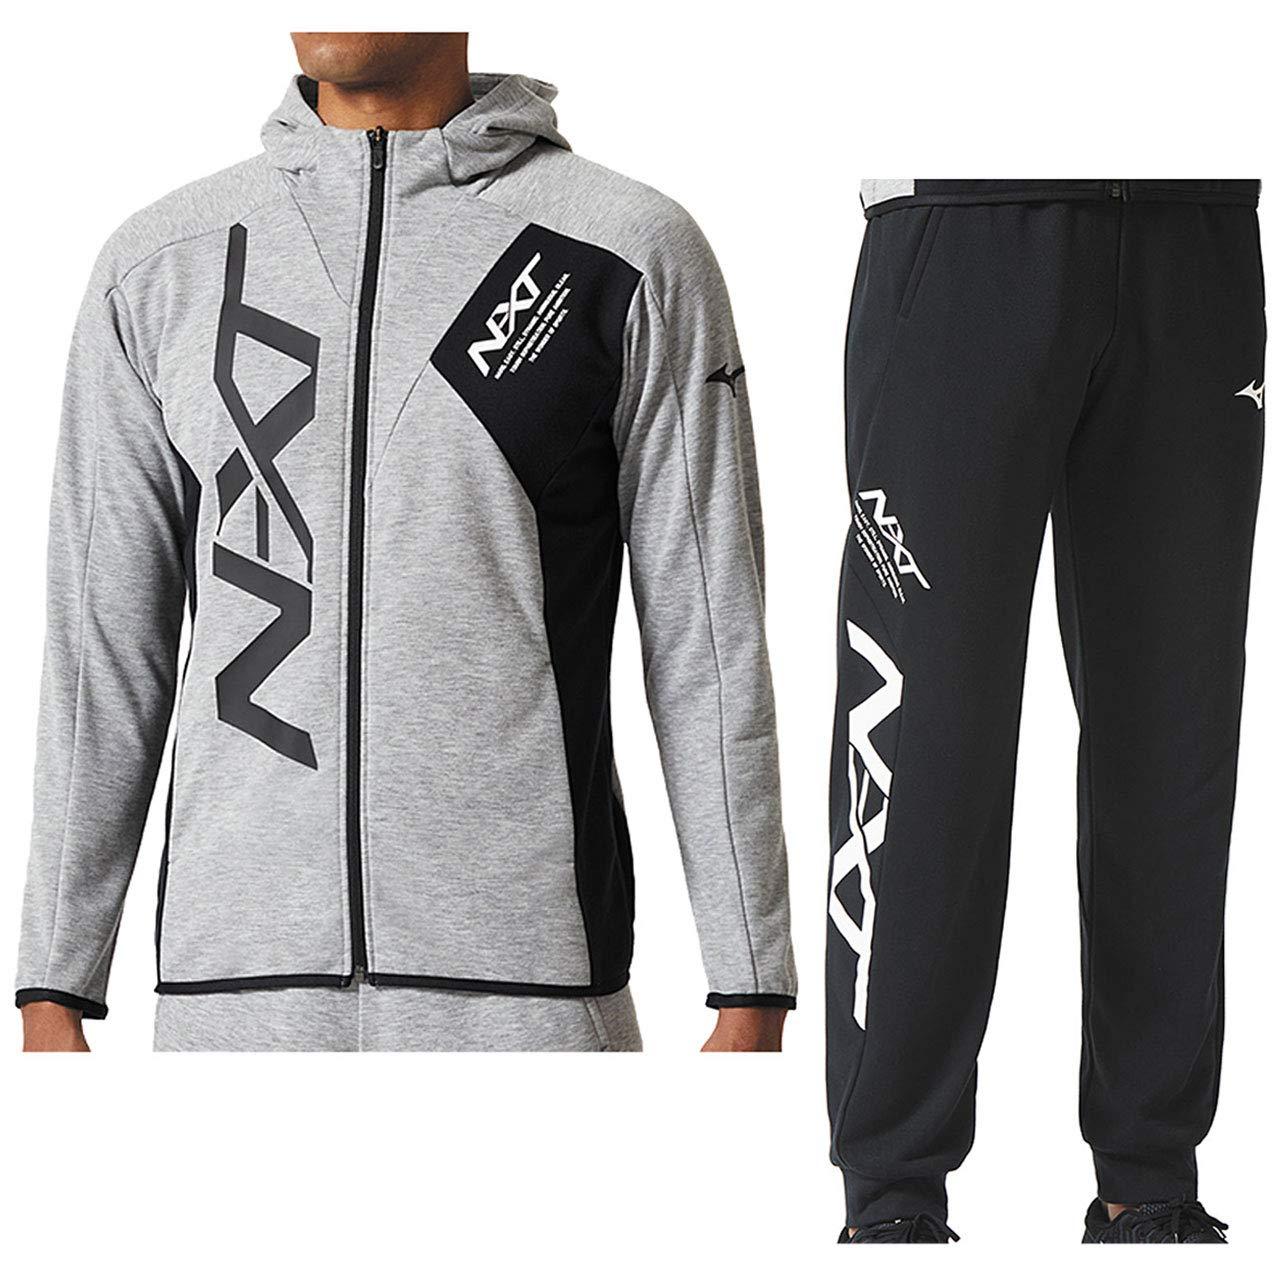 ミズノ(MIZUNO) N-XT スウェットシャツ & パンツ 上下セット(グレー杢/ブラック) 32JC8561-05-32JD8560-09 2XL 杢グレー/ブラック B07HGWSH6T